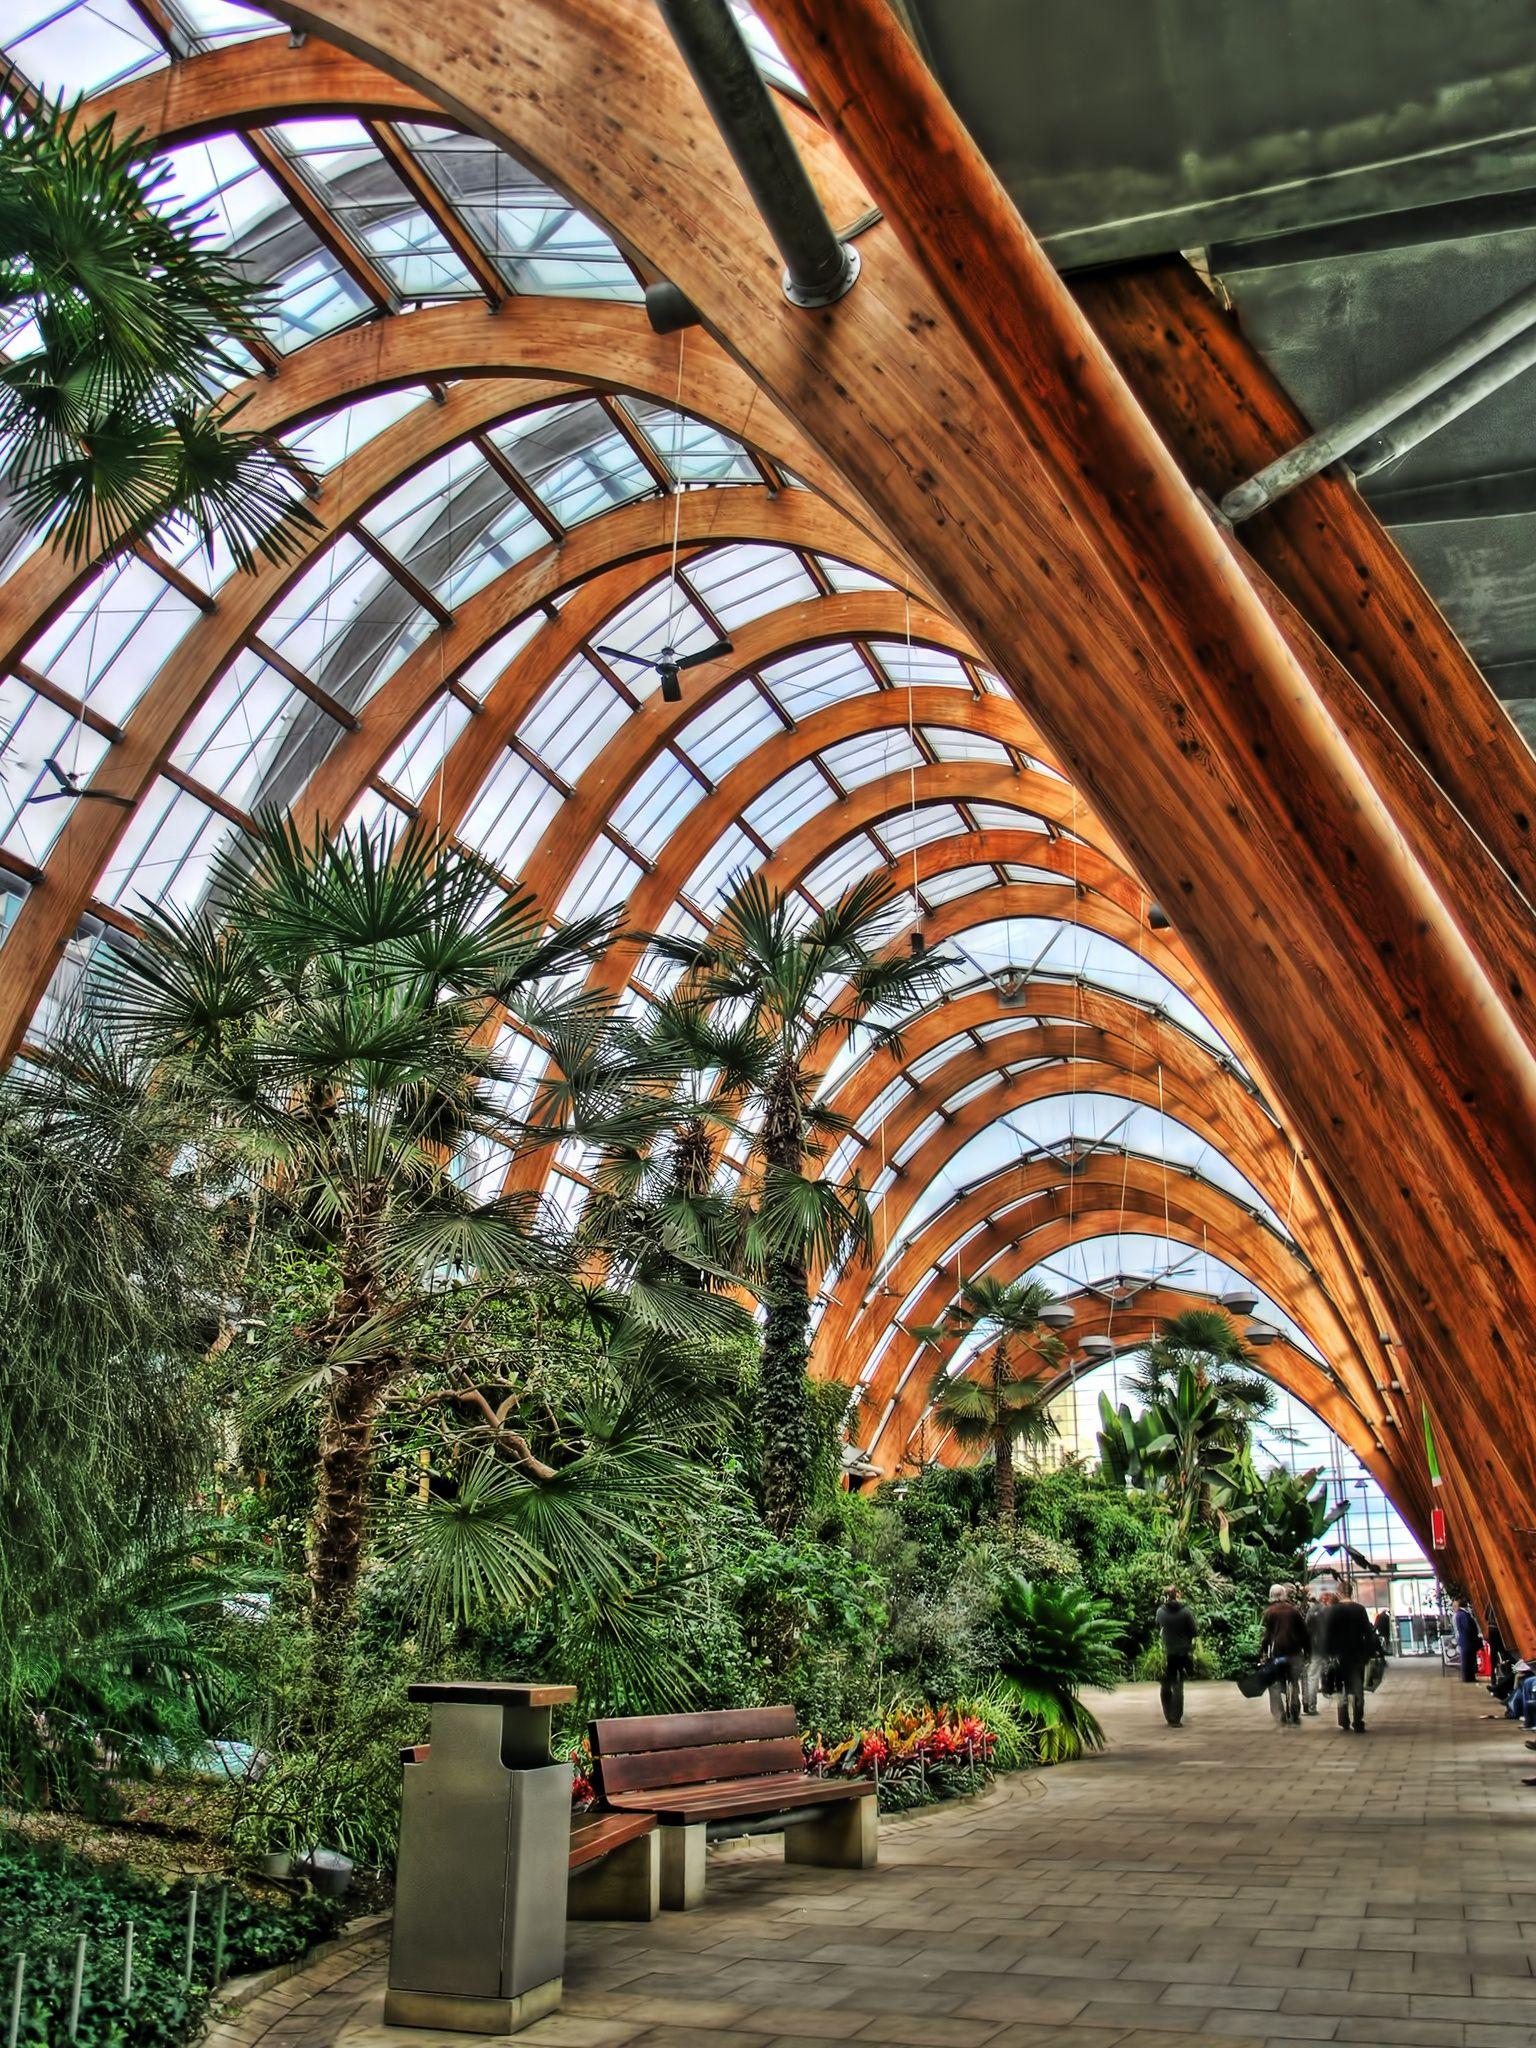 Inside The Winter Gardens Garden Architecture Public Garden